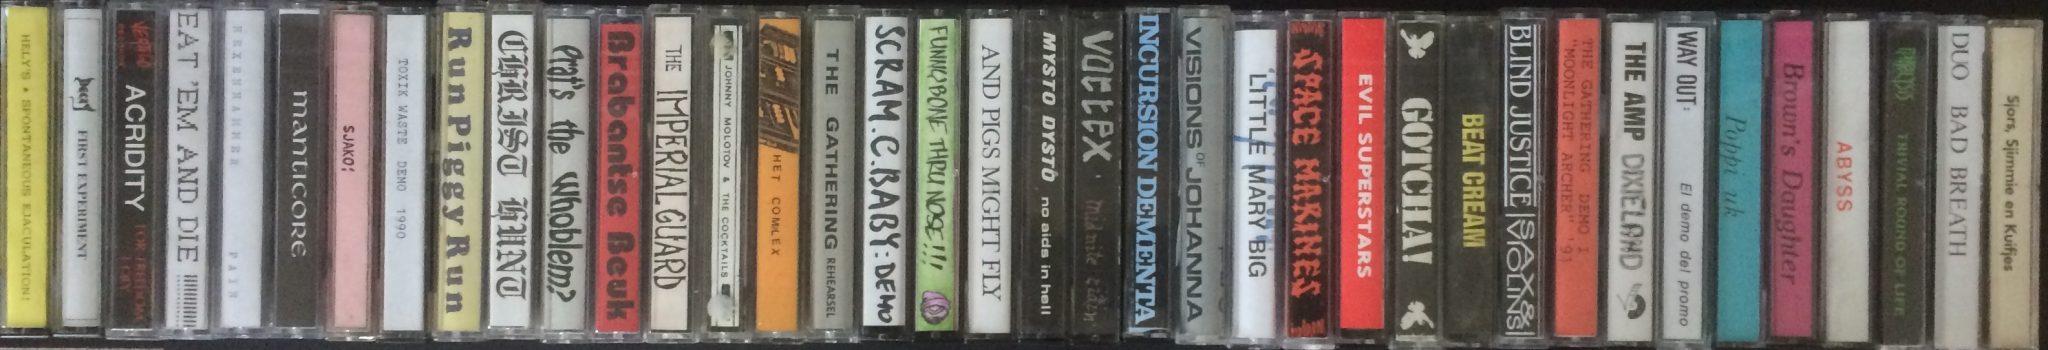 Demotapes en vergeten muziek